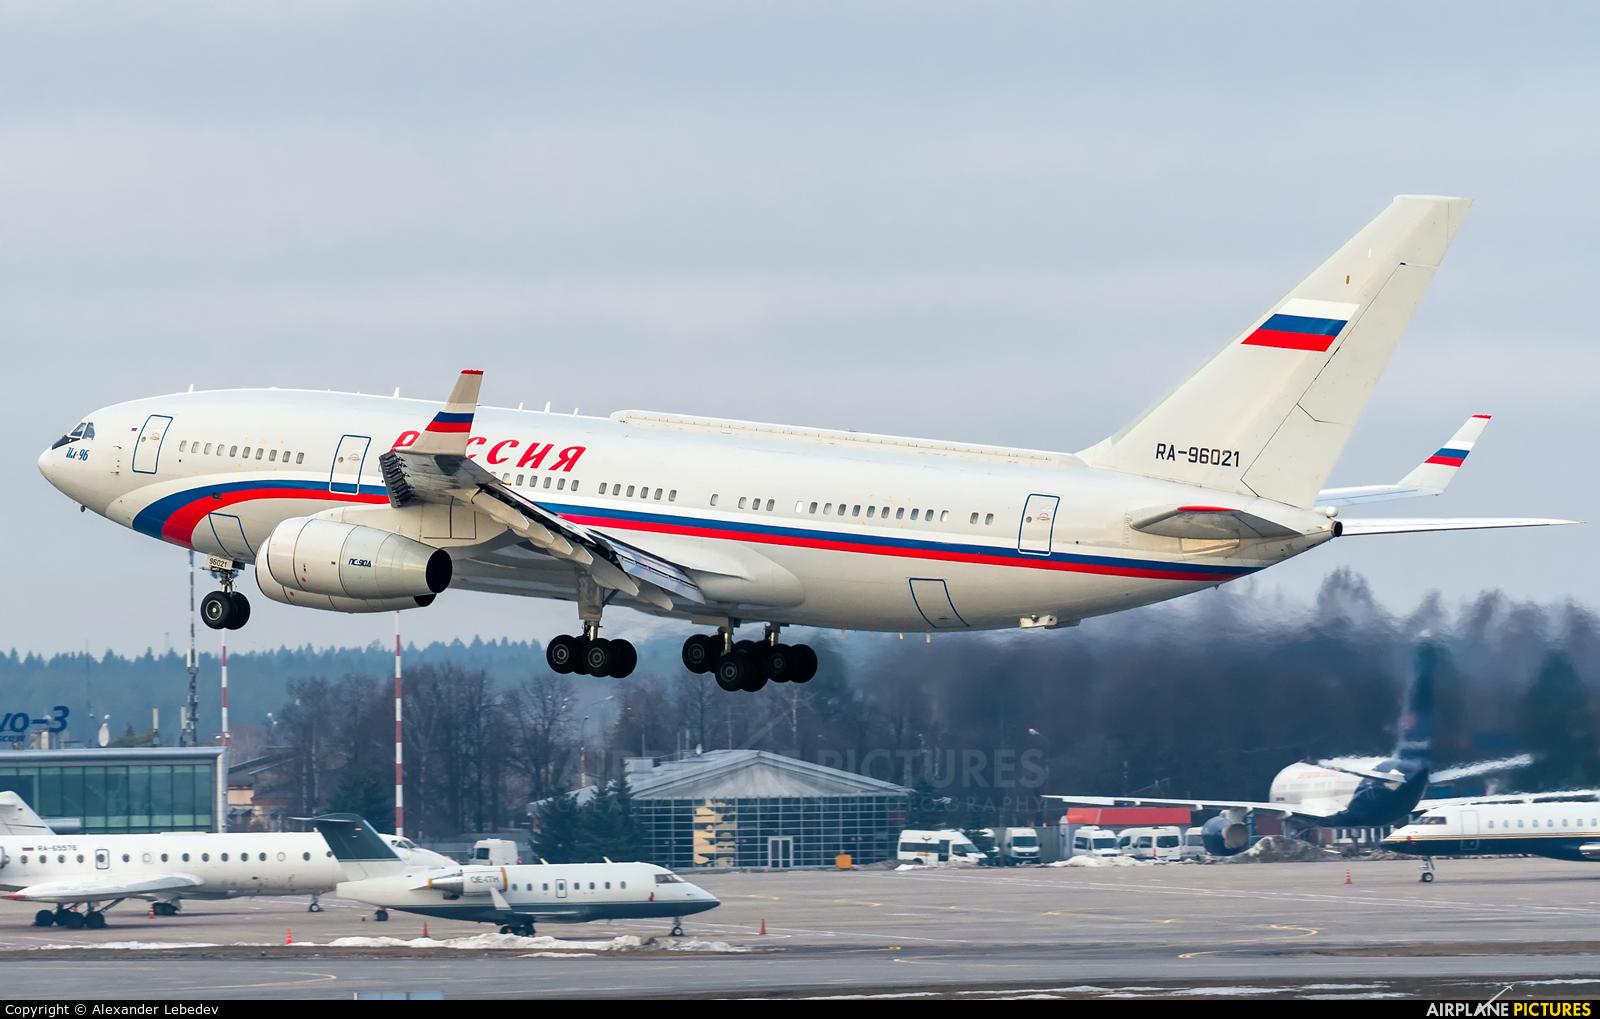 Rossiya Special Flight Detachment RA-96021 aircraft at Moscow - Vnukovo